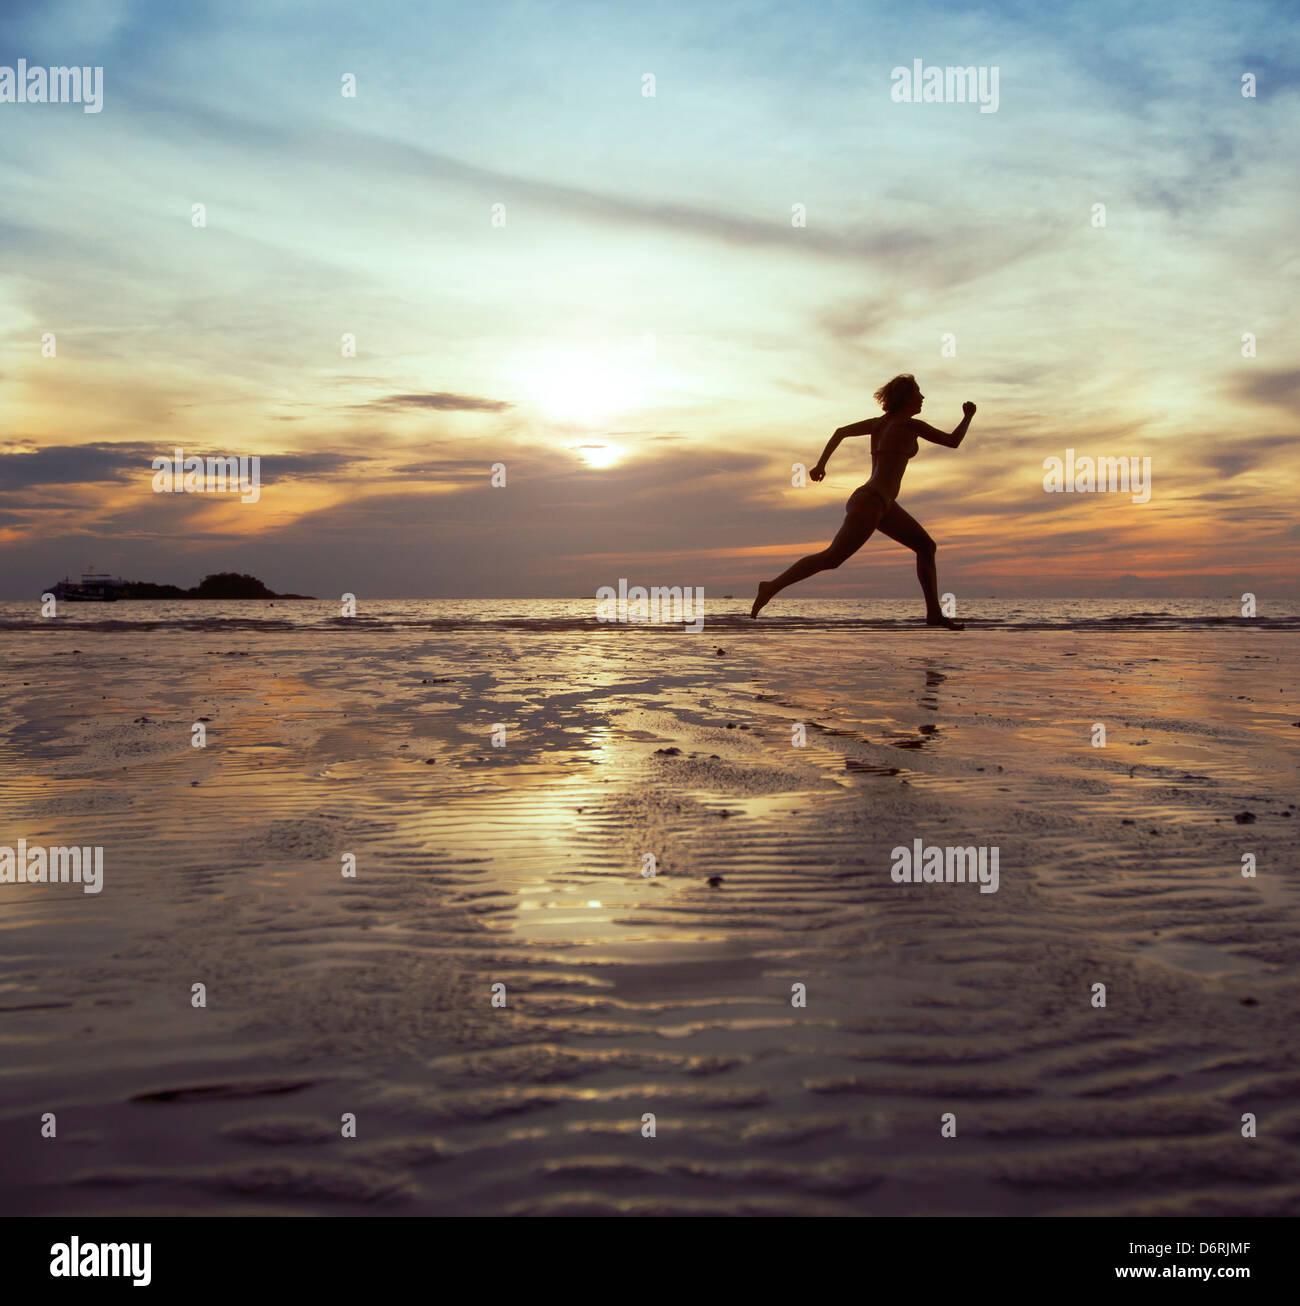 Obiettivo, silhouette di donna a piedi nudi in esecuzione sulla spiaggia Immagini Stock